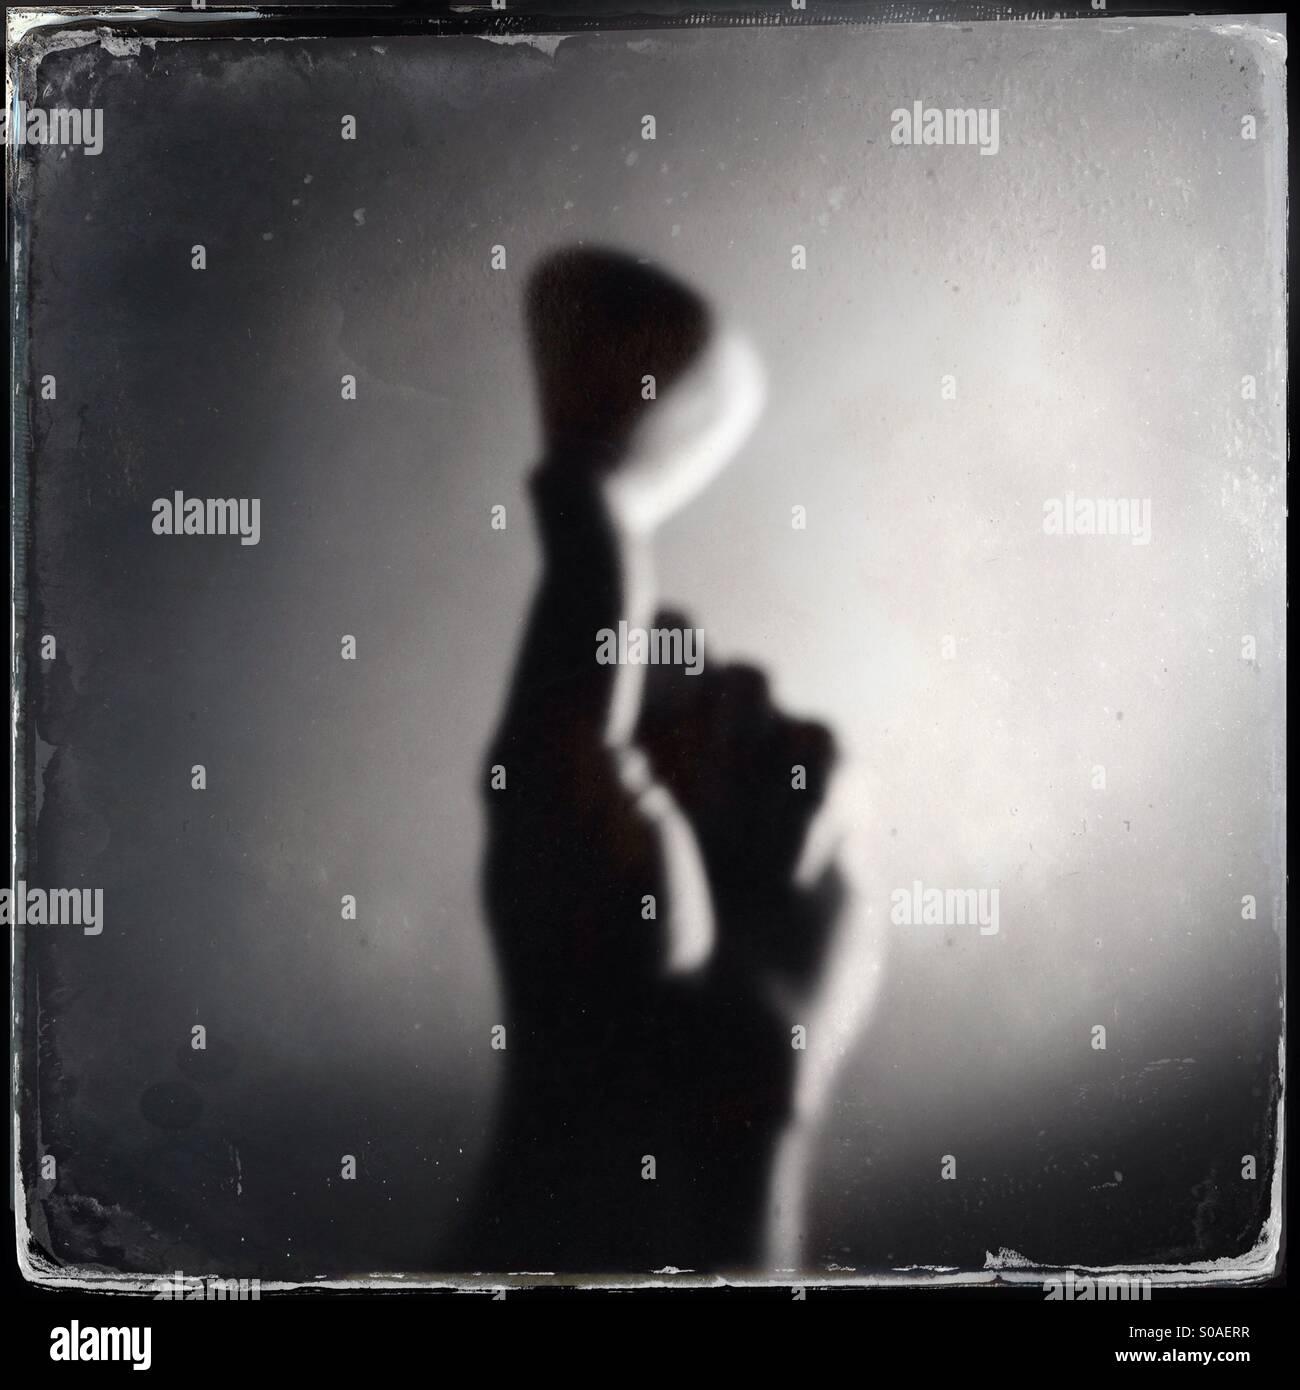 Si el foco de la imagen de una mano sosteniendo una piedra en forma de corazón Imagen De Stock